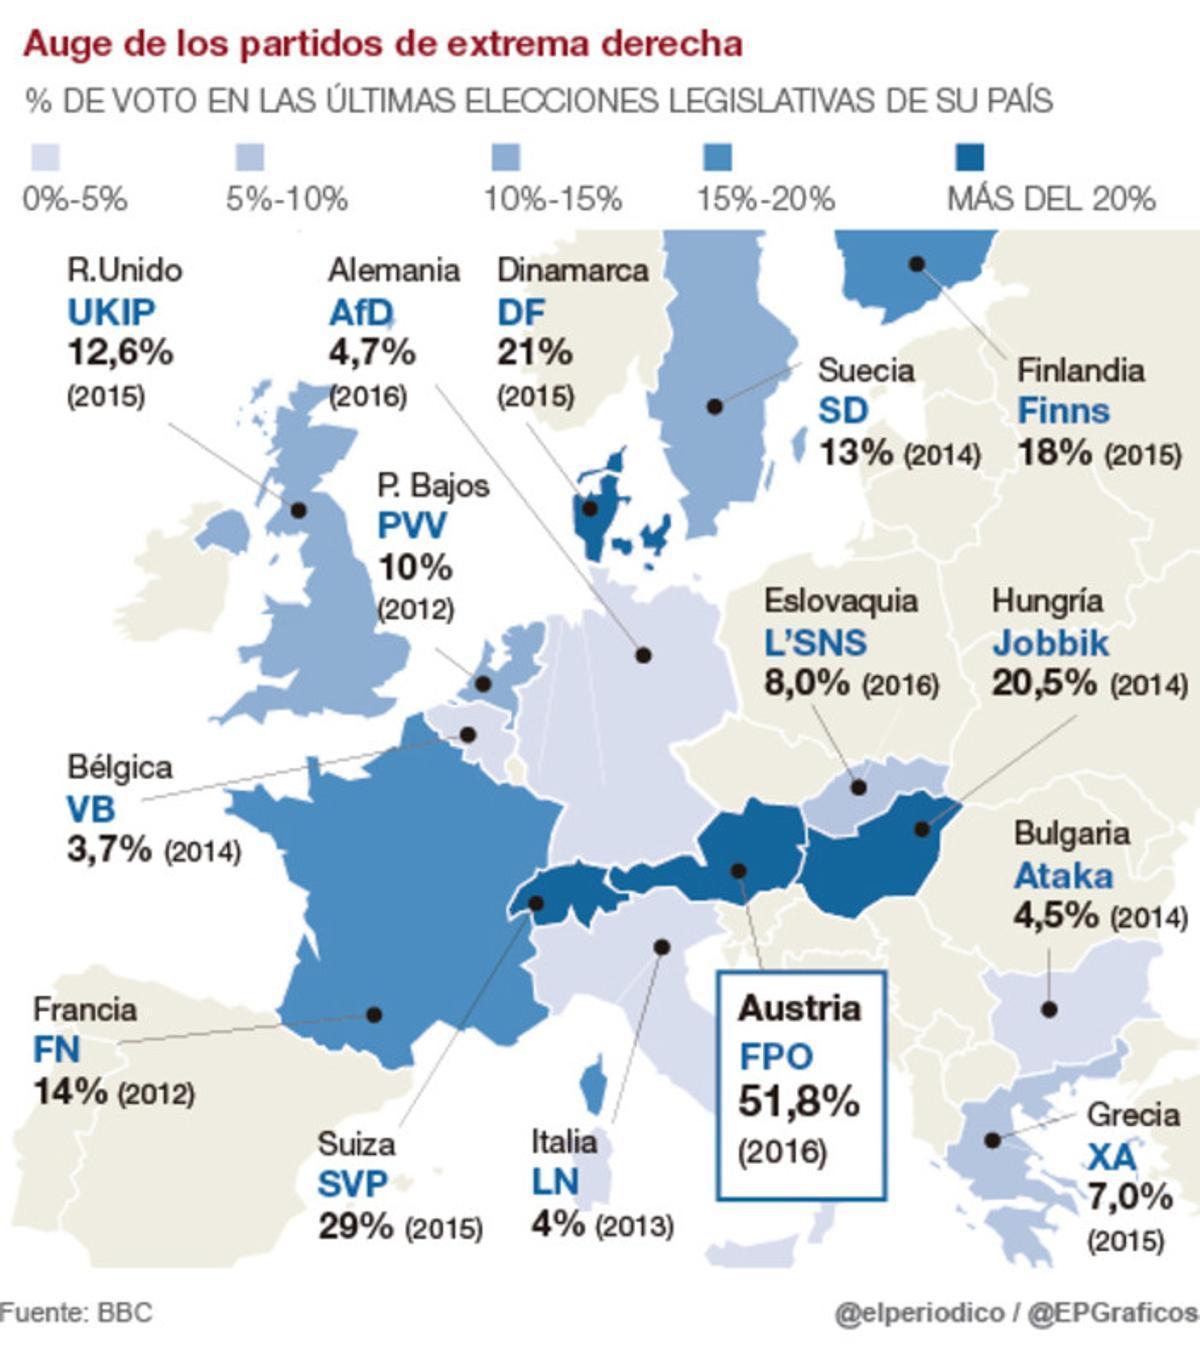 Mapa de los partidos de extrema derecha en auge en Europa